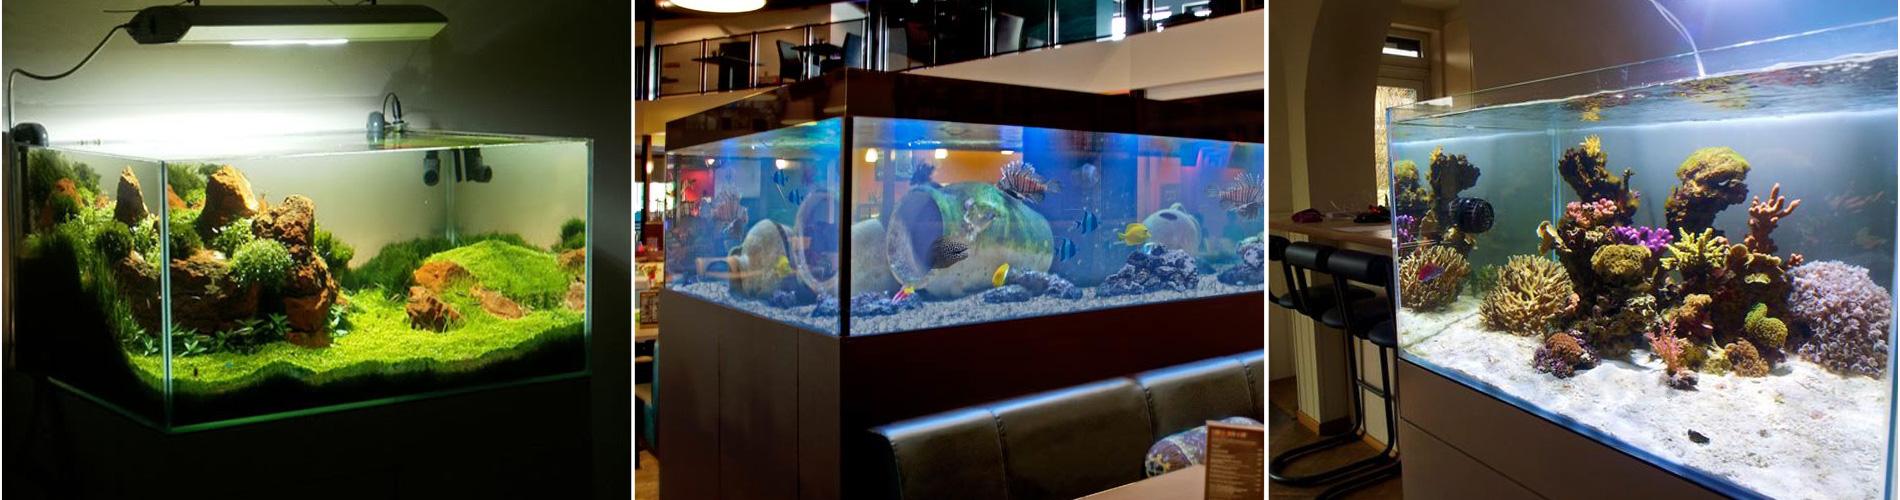 installationd'aquarium